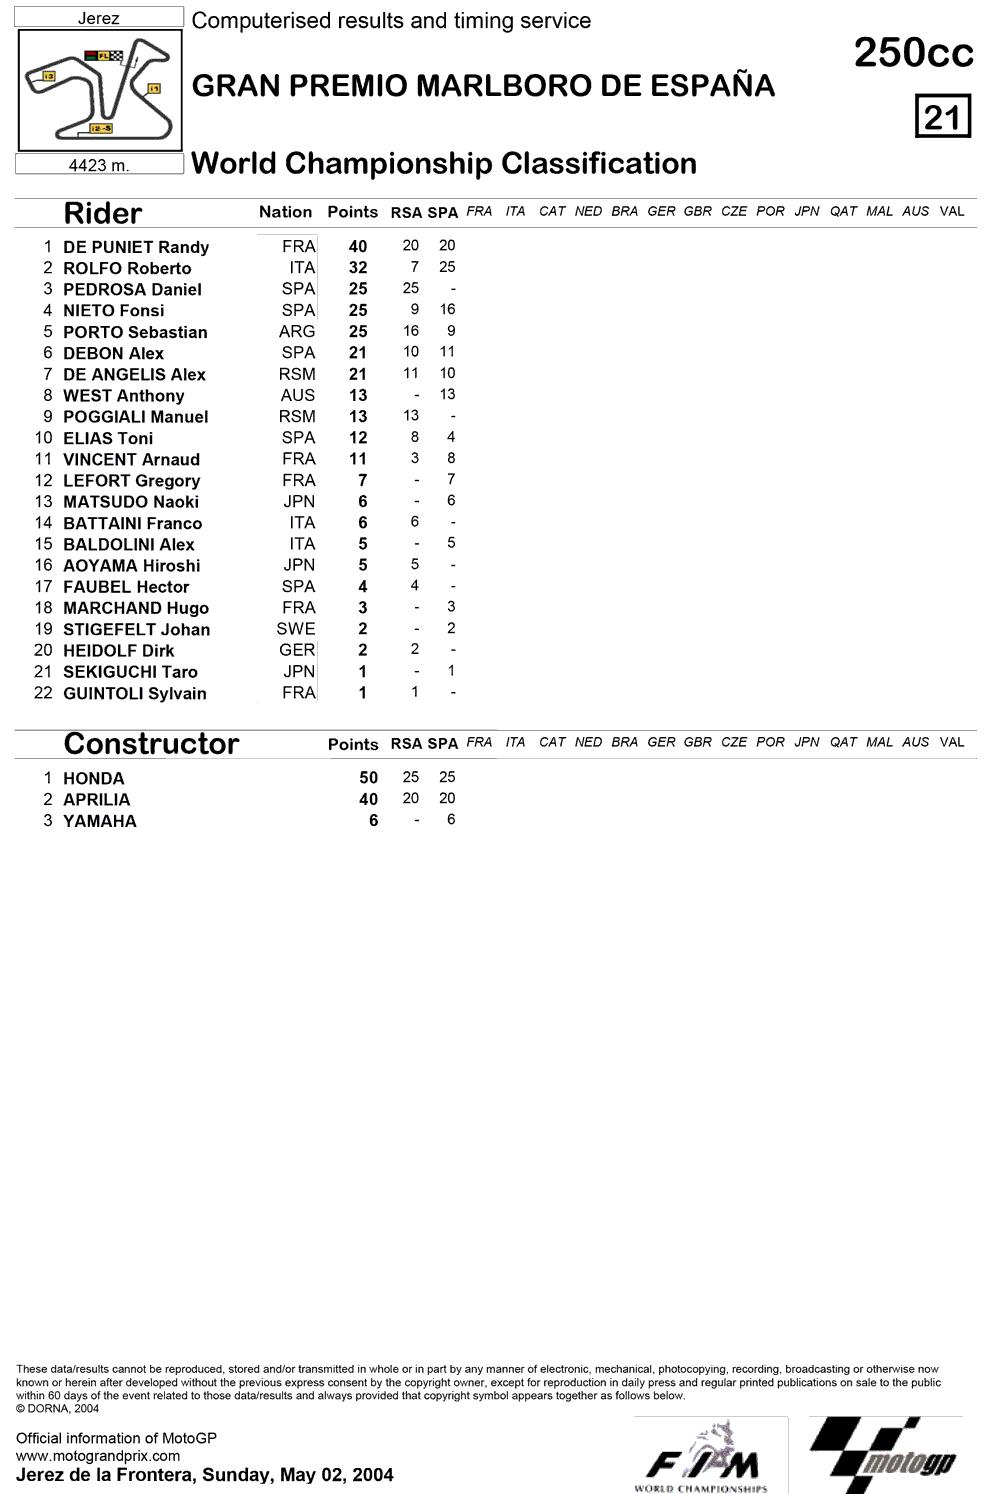 Позиции в чемпионате после второй гонки 250cc Гран-При Испании 2004